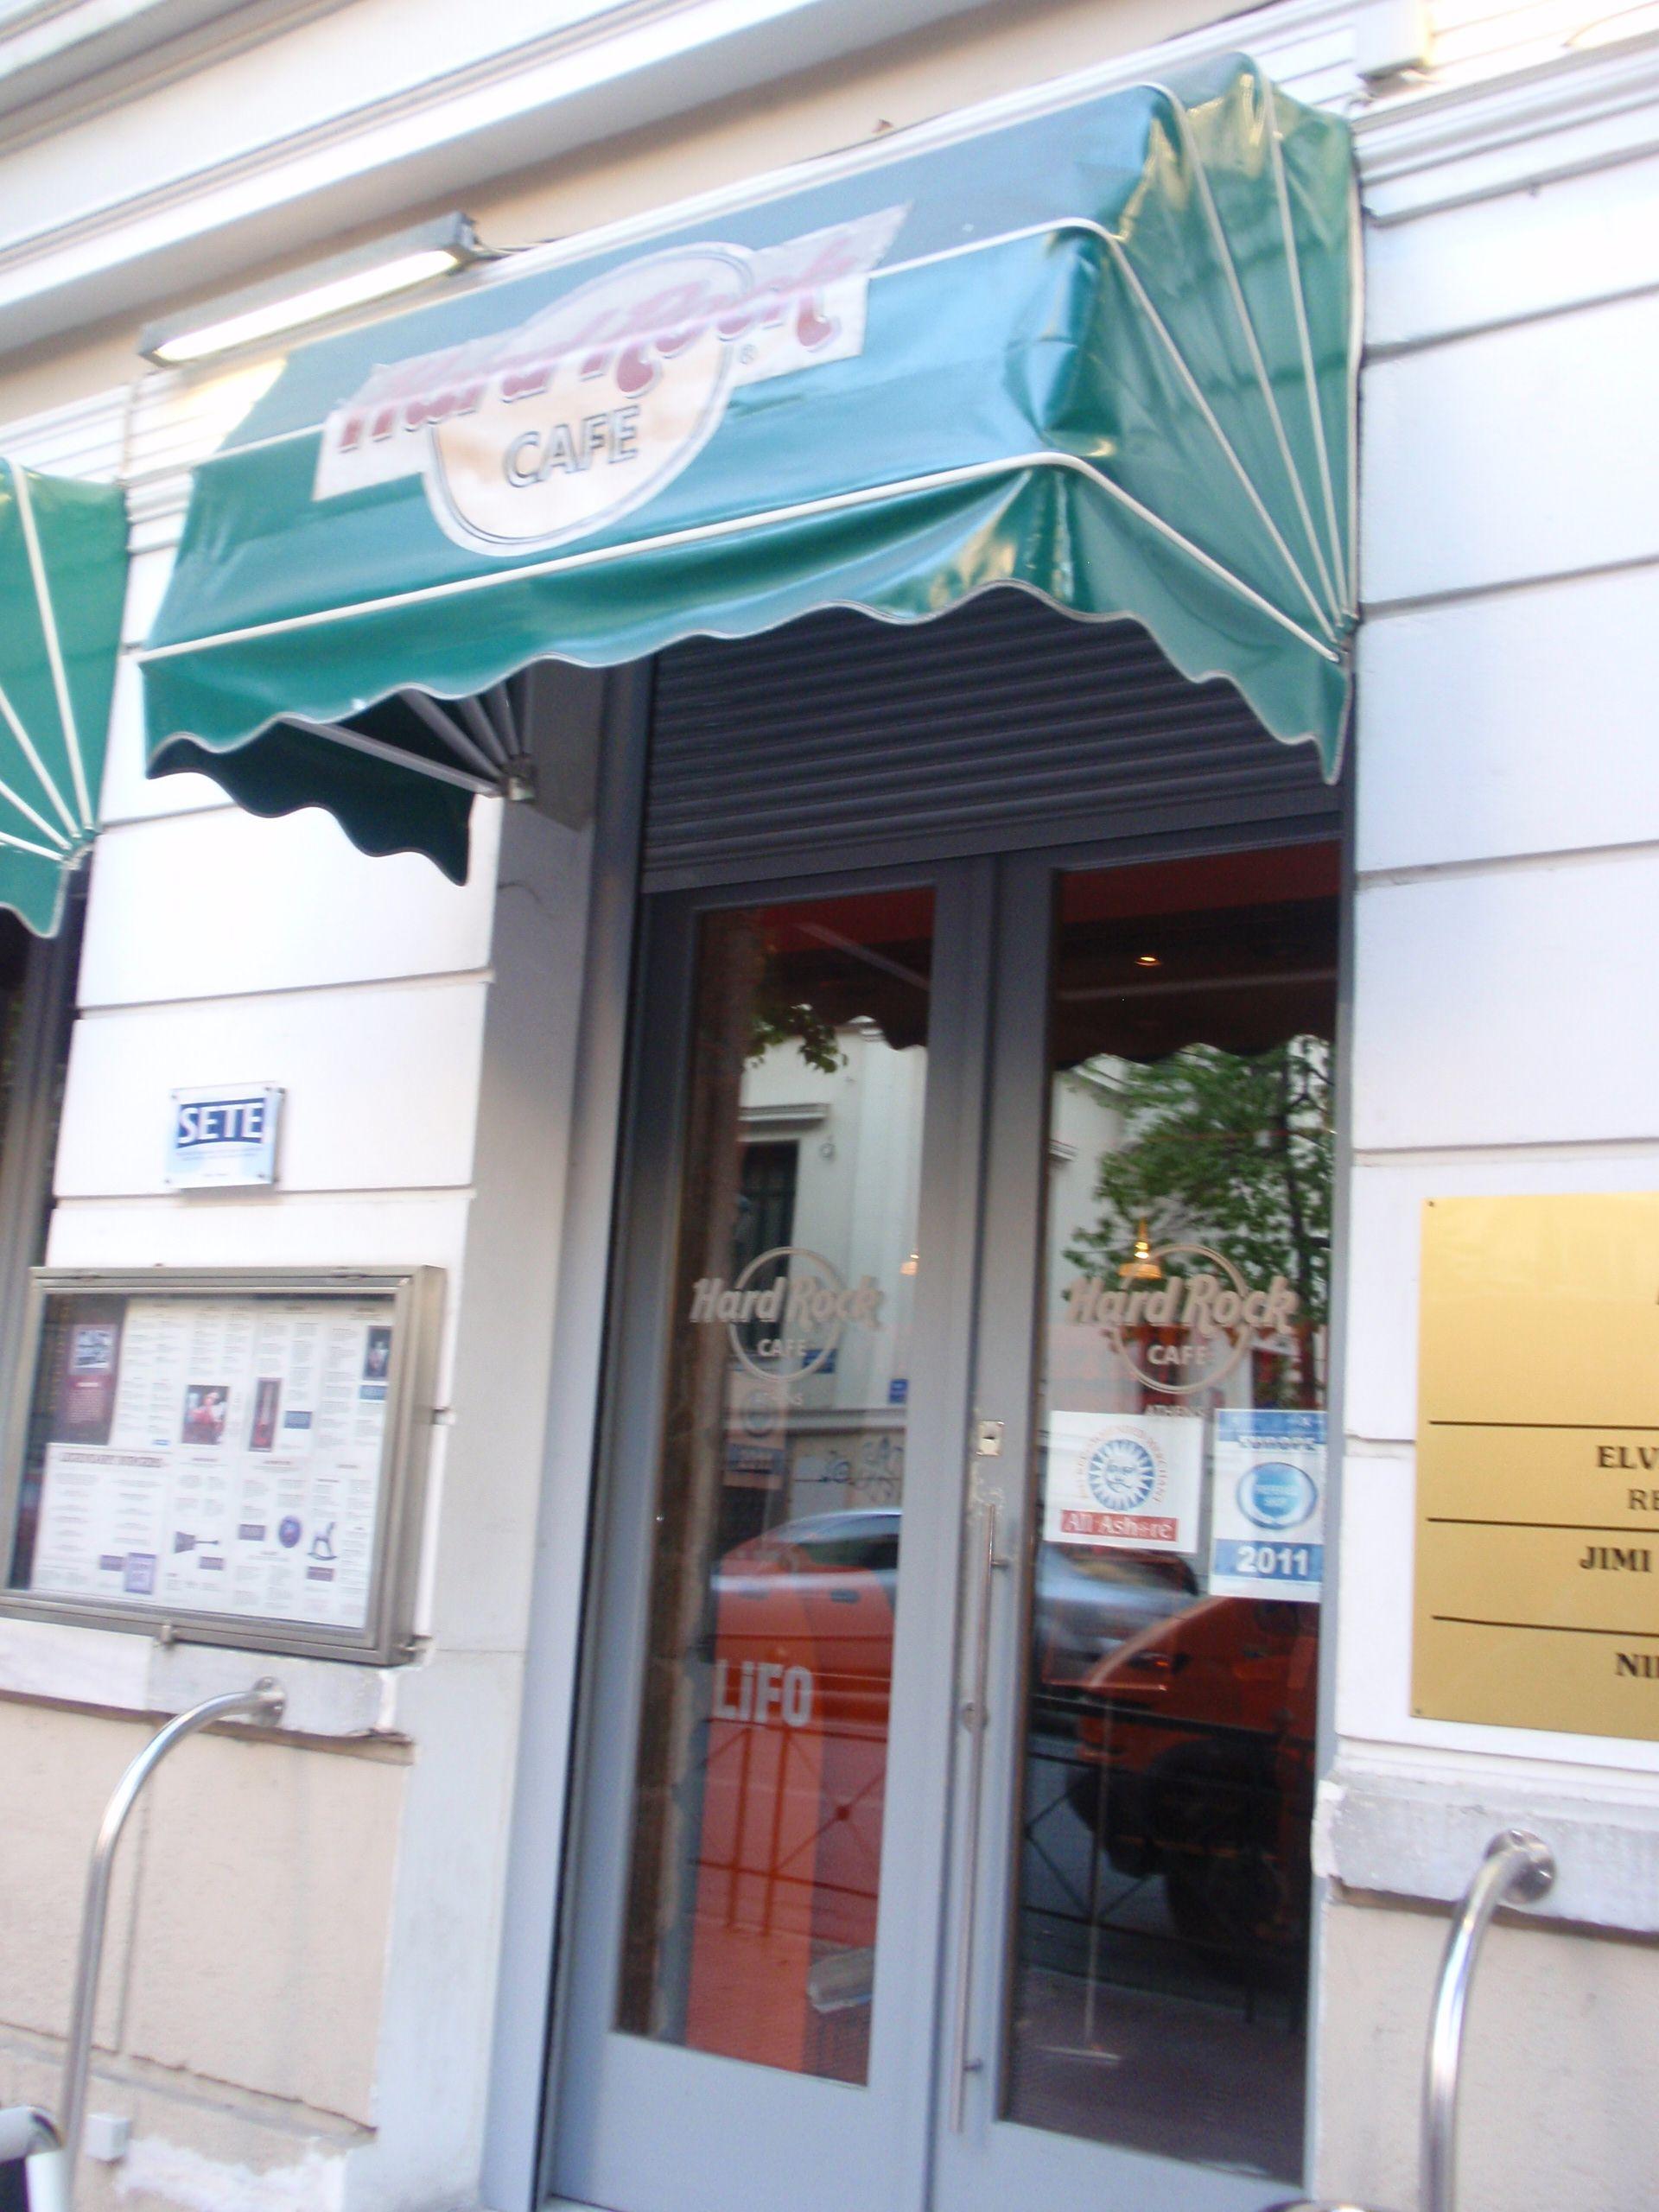 Hard Rock cafe in Athene. Er zijn er hier zelfs 2 dus allebei maar bezocht